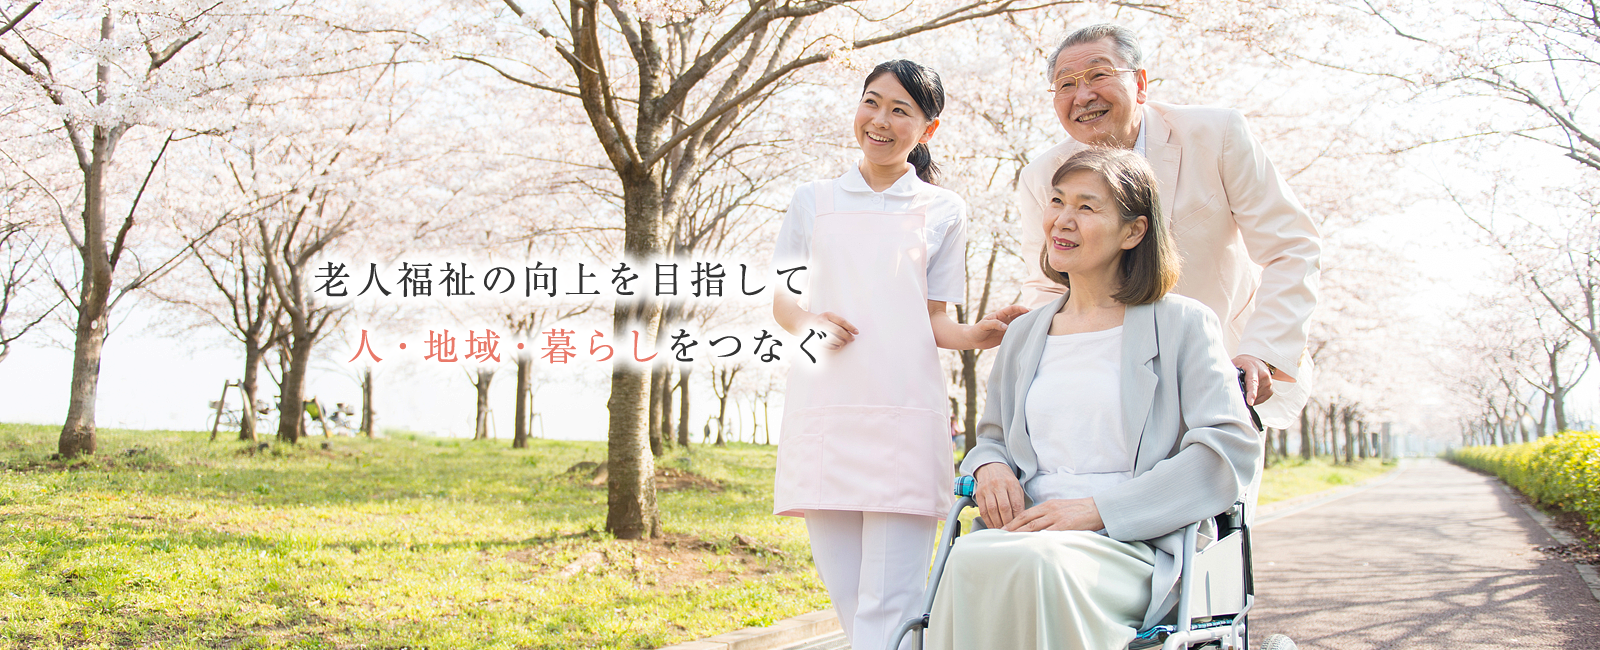 老人福祉の向上を目指して 人・地域・暮らしをつなぐ